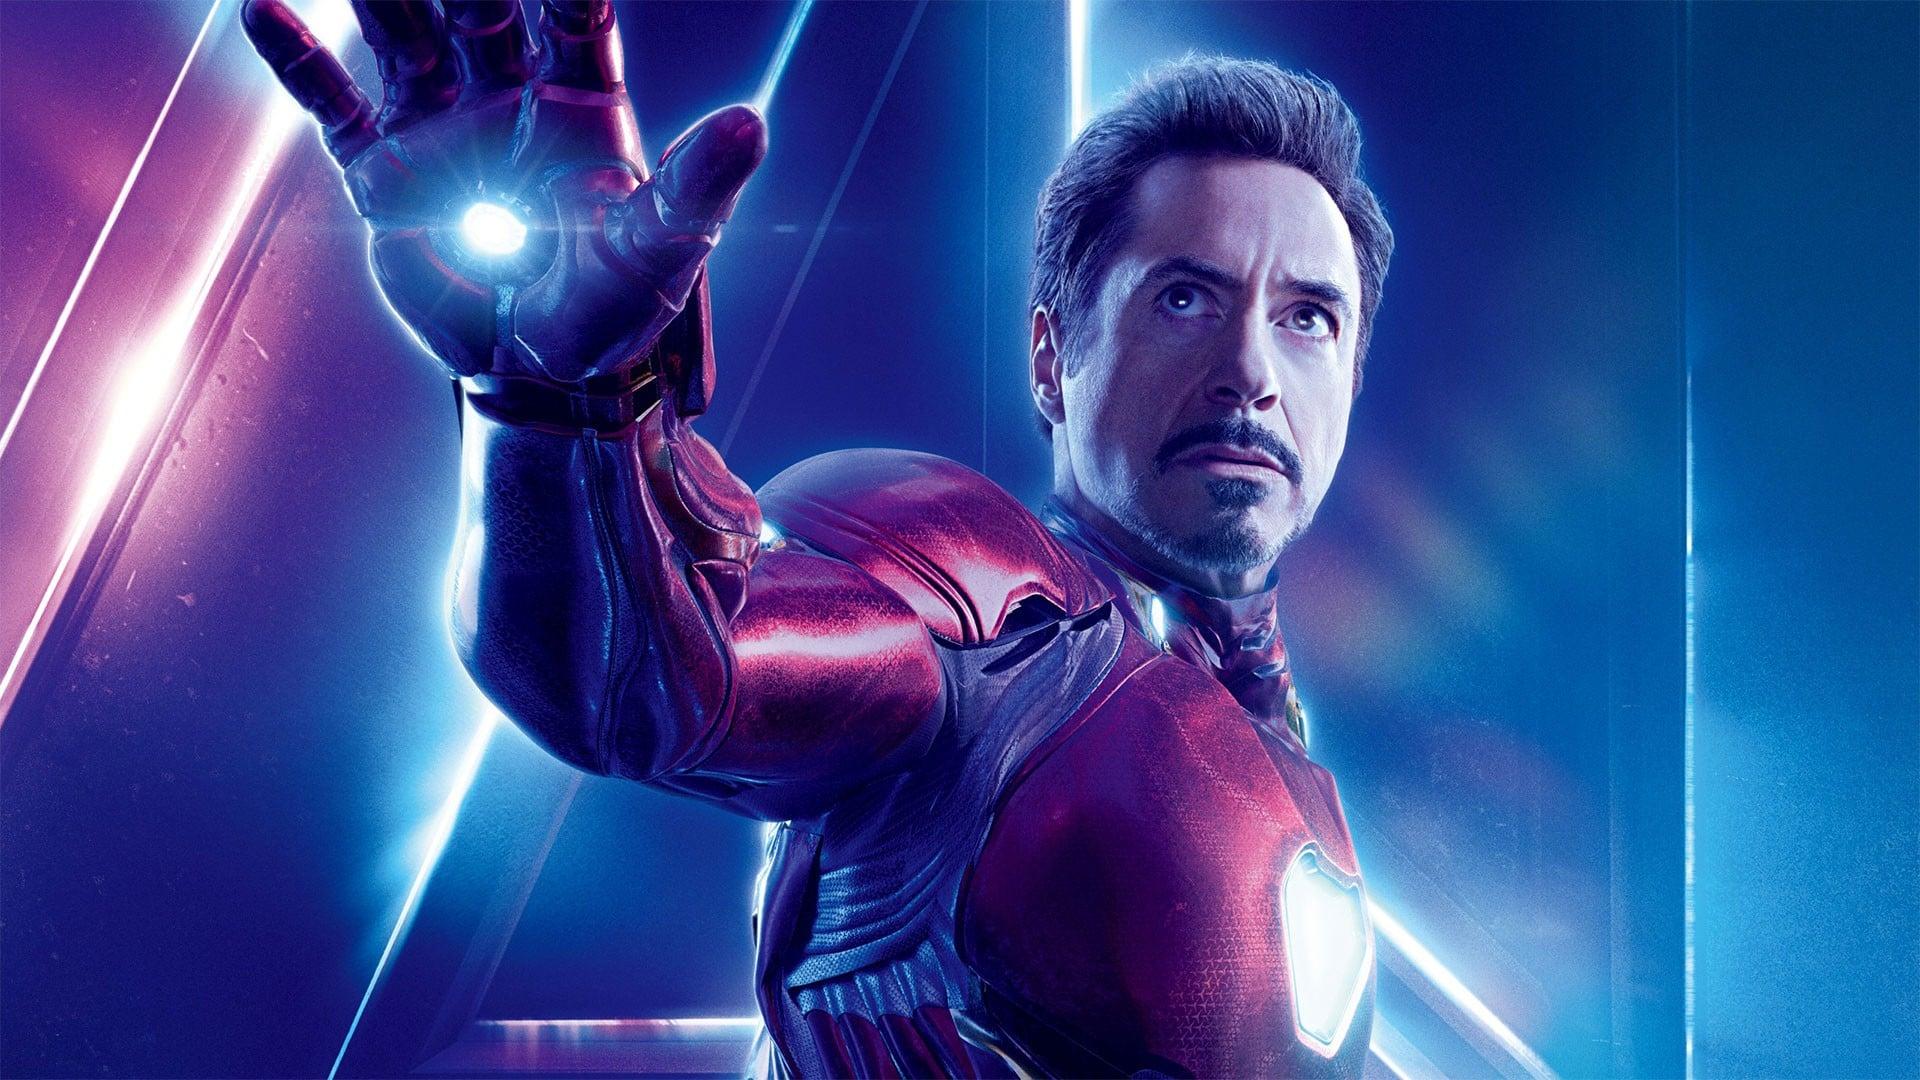 Cel kampanii marketingowej OnePlusa: Iron Man ma się kojarzyć z ich smartfonem 25